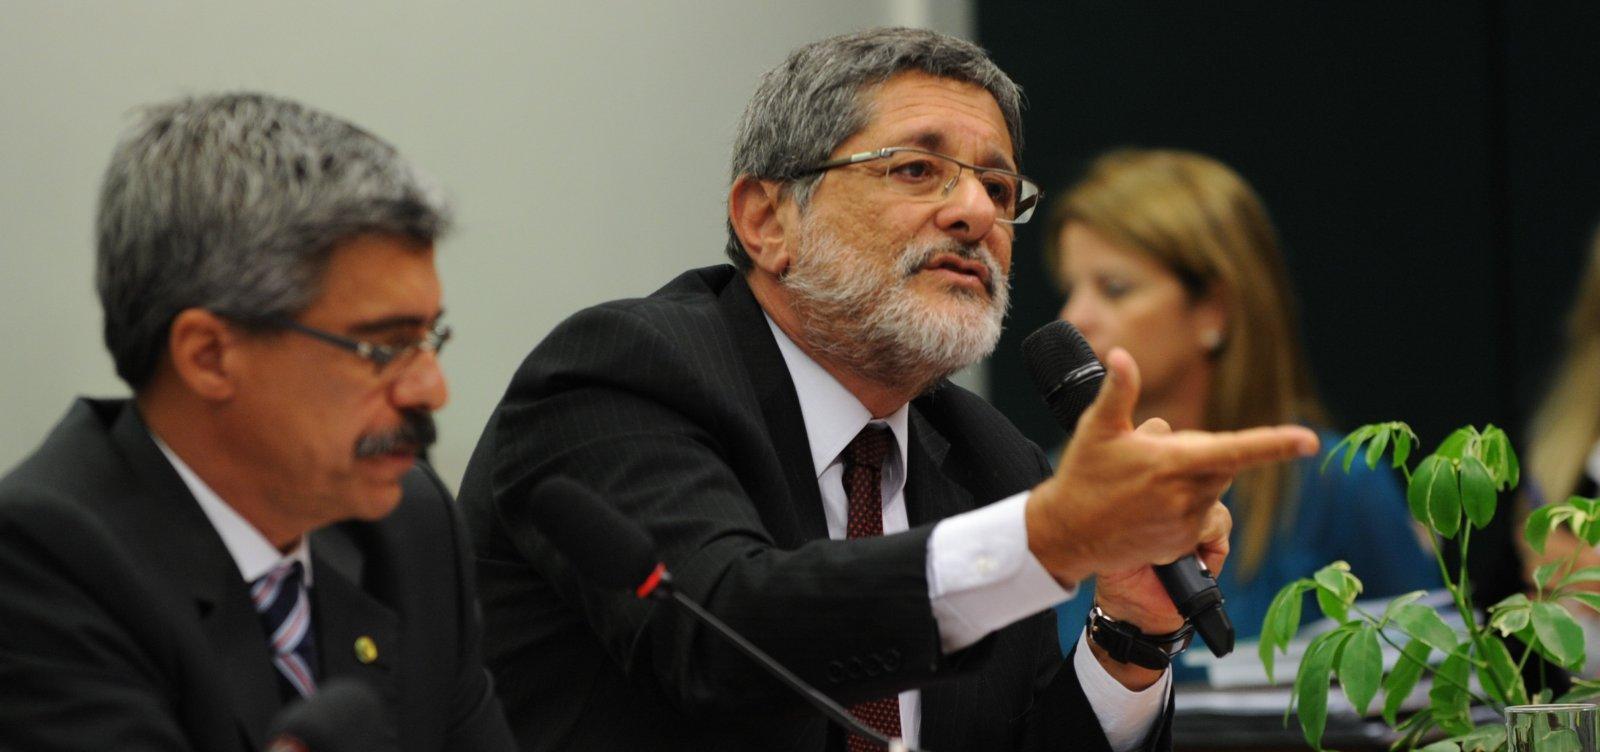 [PT diz que cassação da aposentadoria de Gabrielli foi 'persecutória' e 'sem embasamento legal']